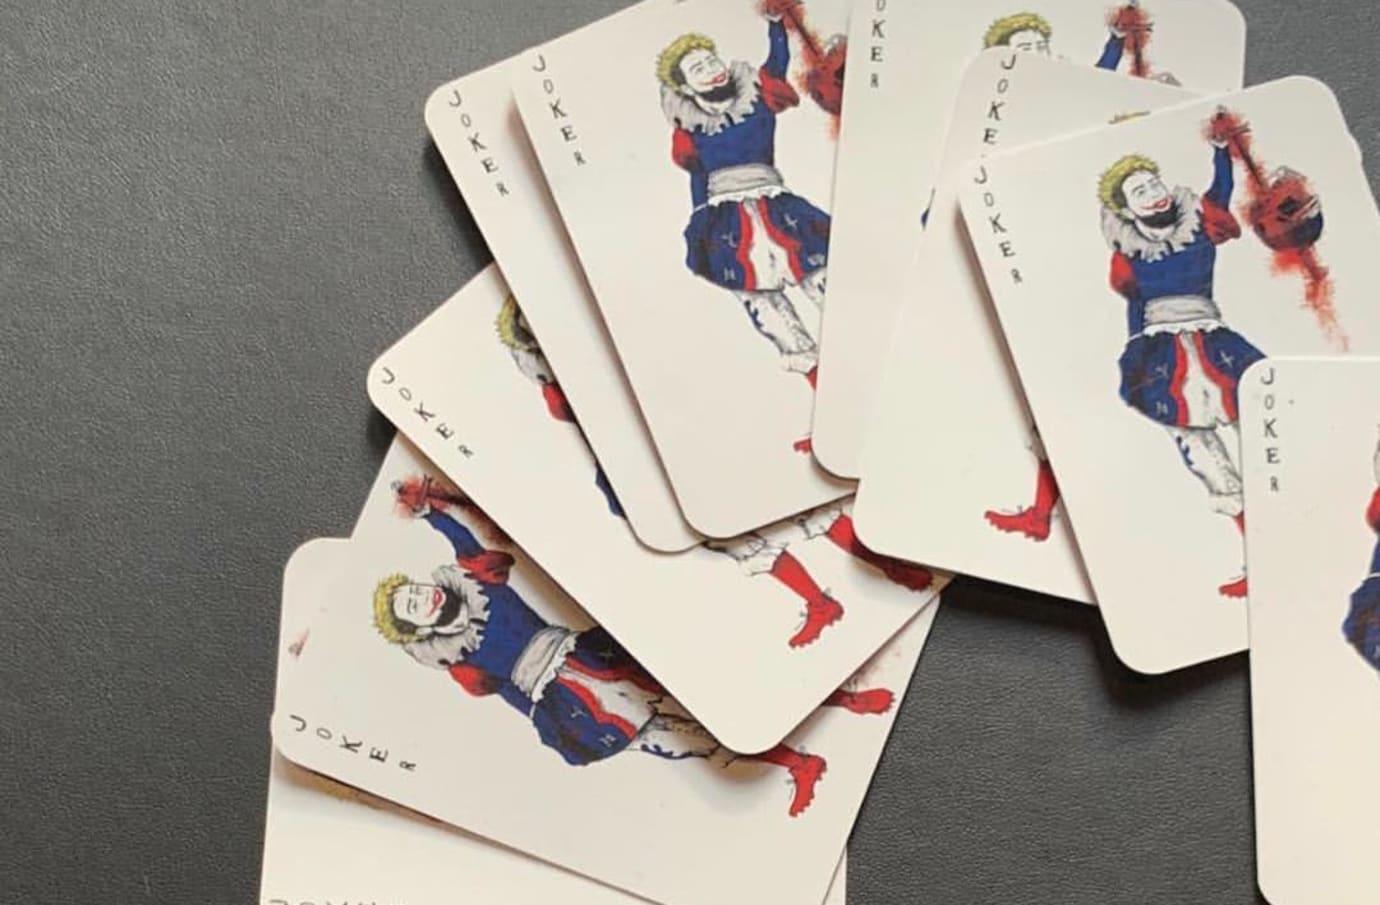 Odell Beckham Jr. Nike 'Joker' Cleats 1